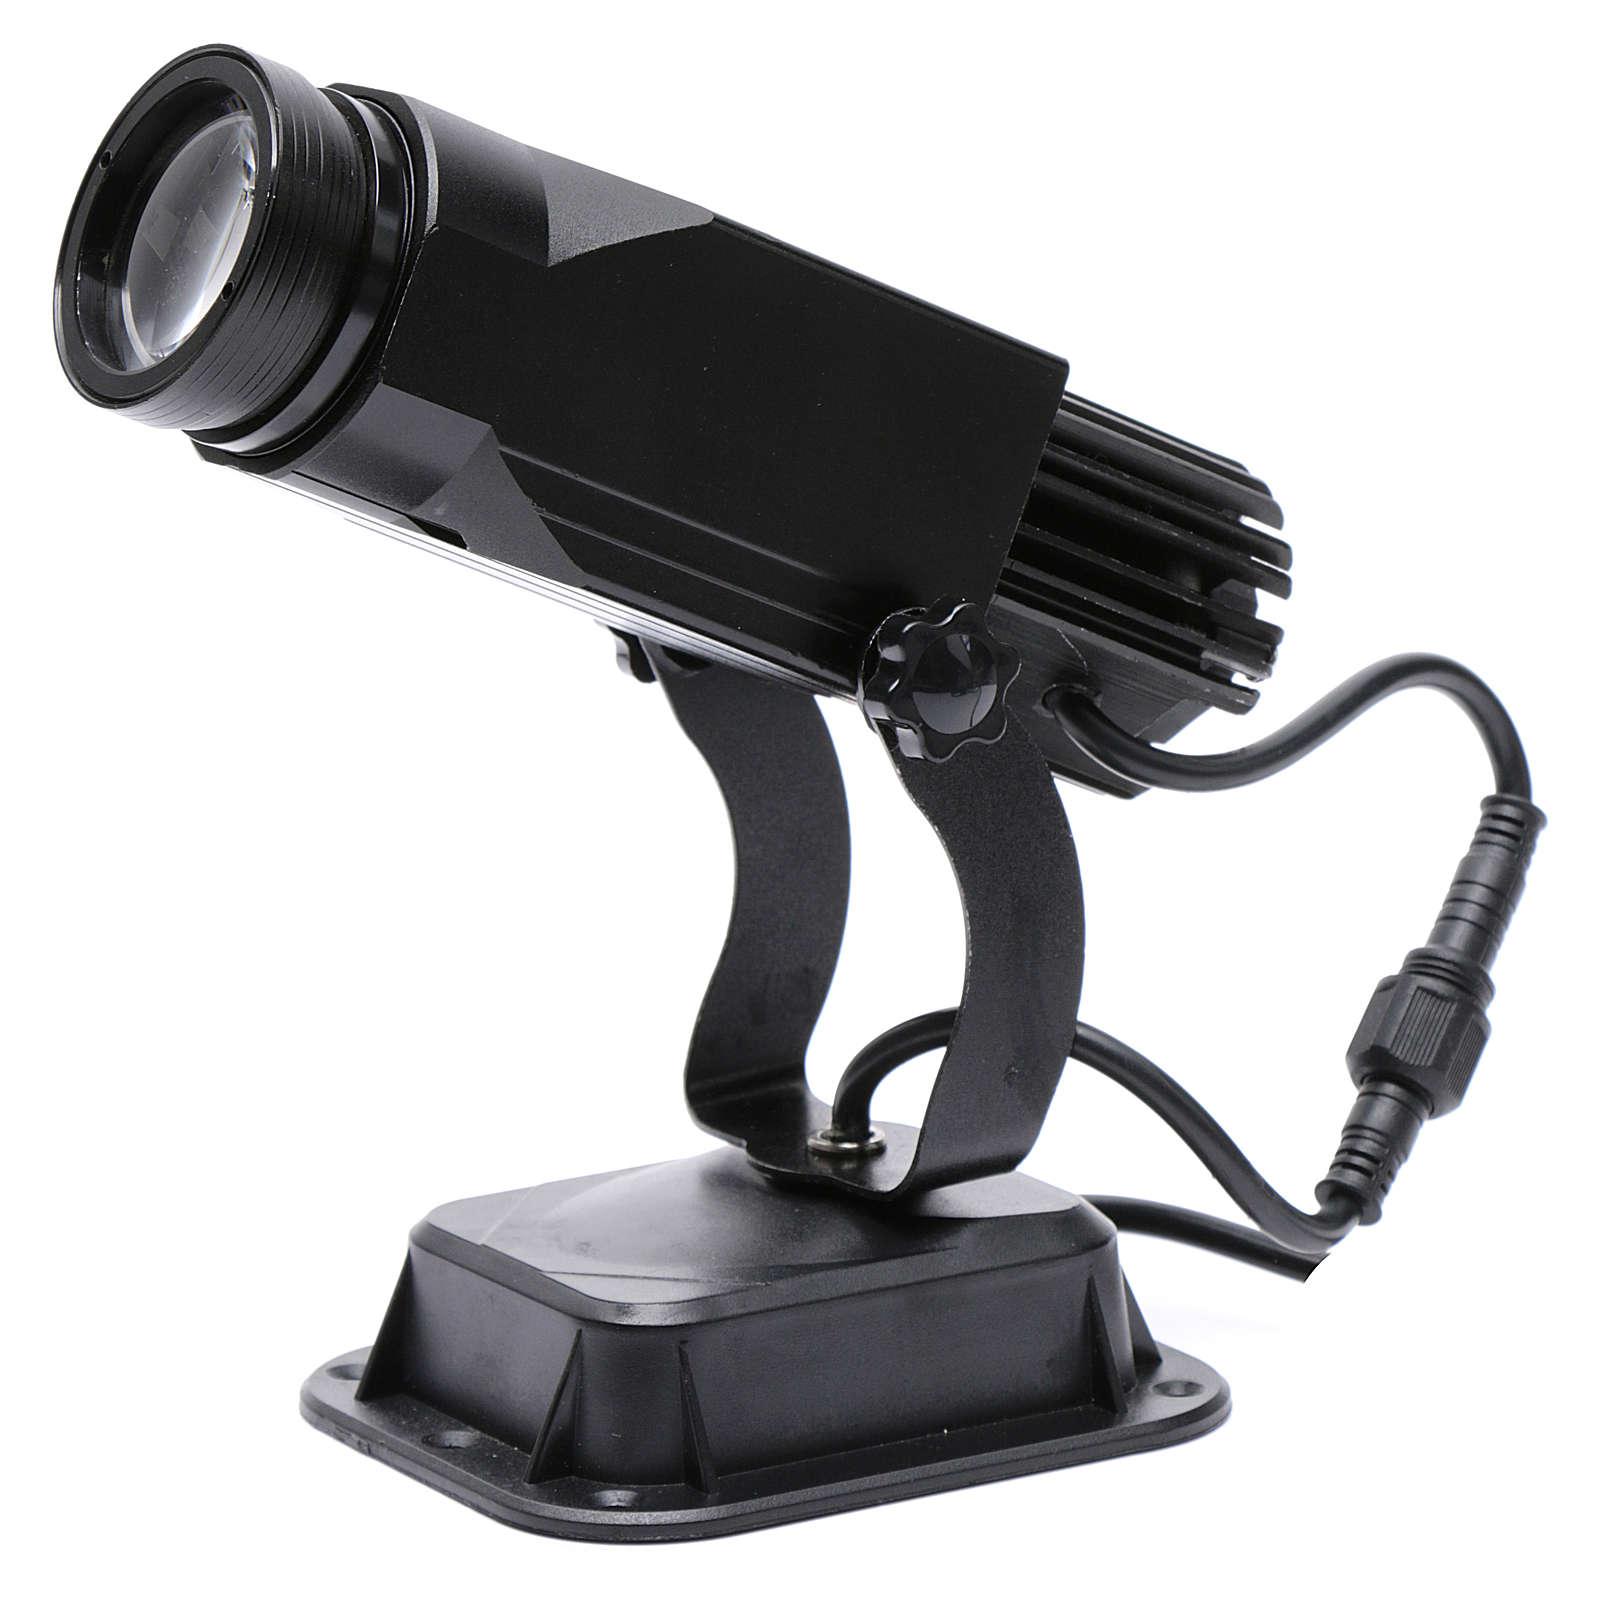 Projetor LED pro fixo 20W com escritas USO EXTERIOR 3